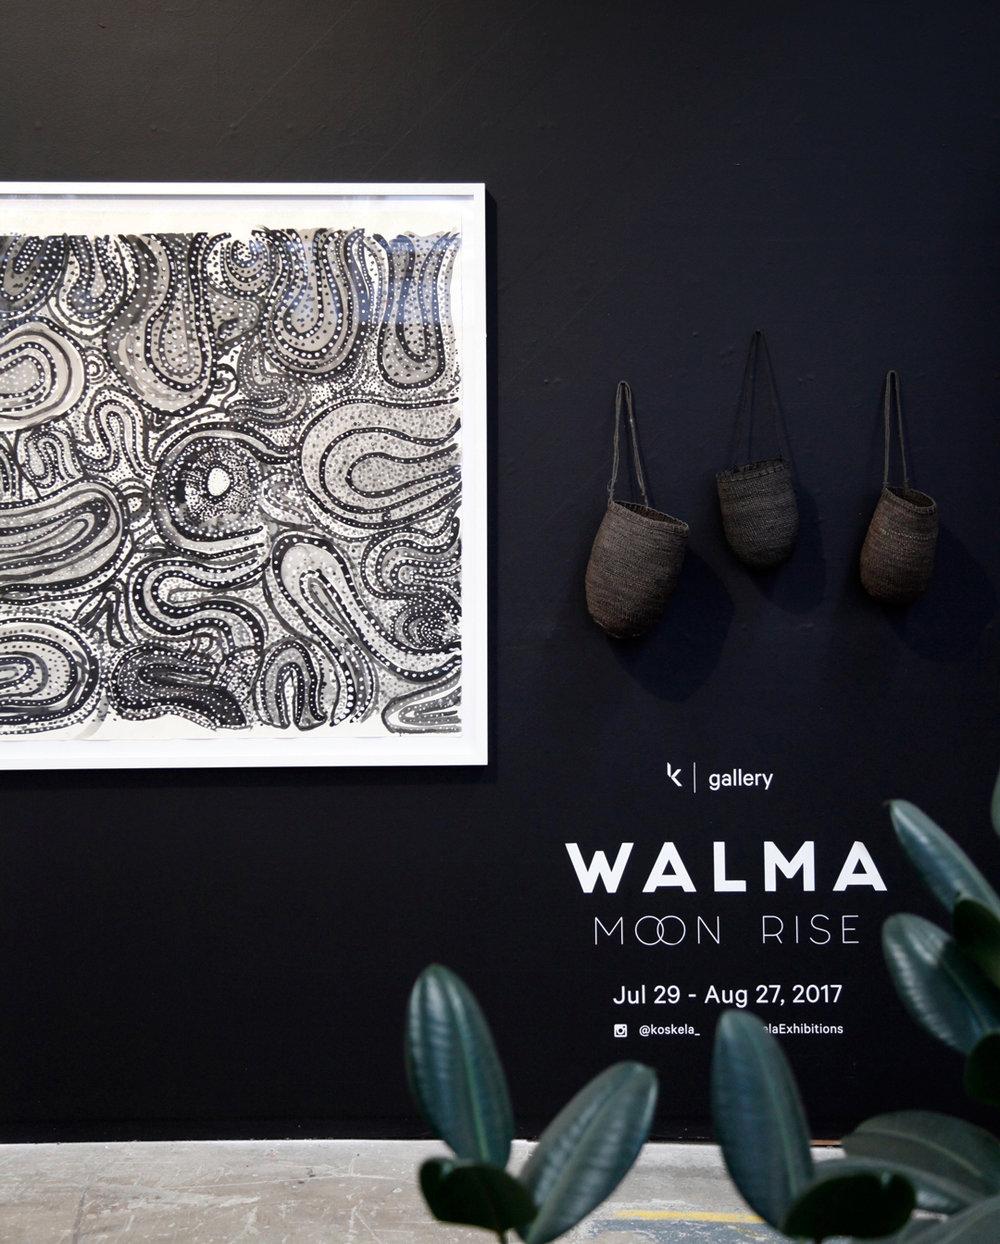 walma